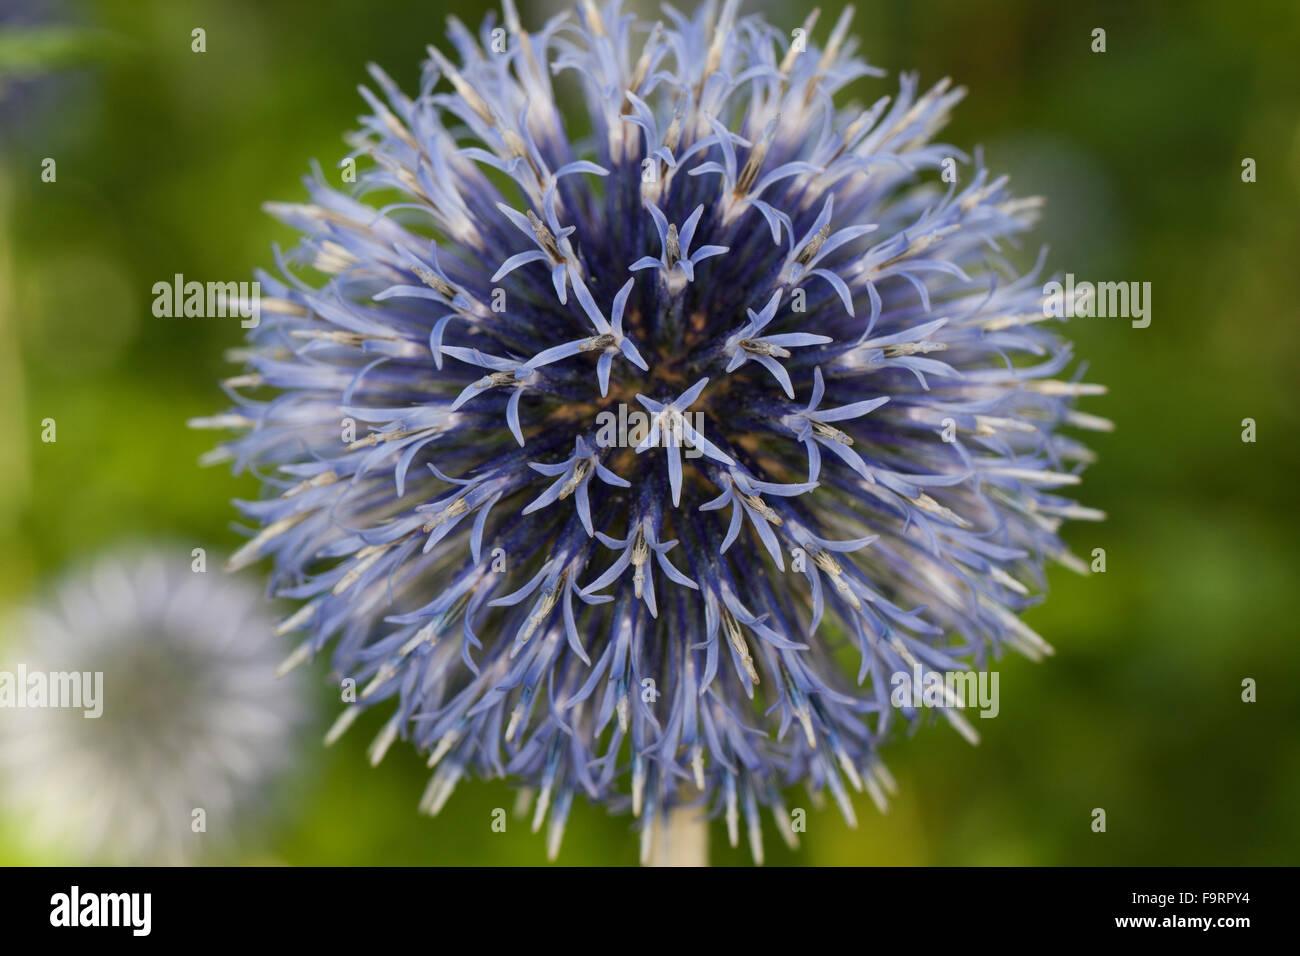 Globe thistle, globethistle, Kugeldistel, Echinops spec. - Stock Image